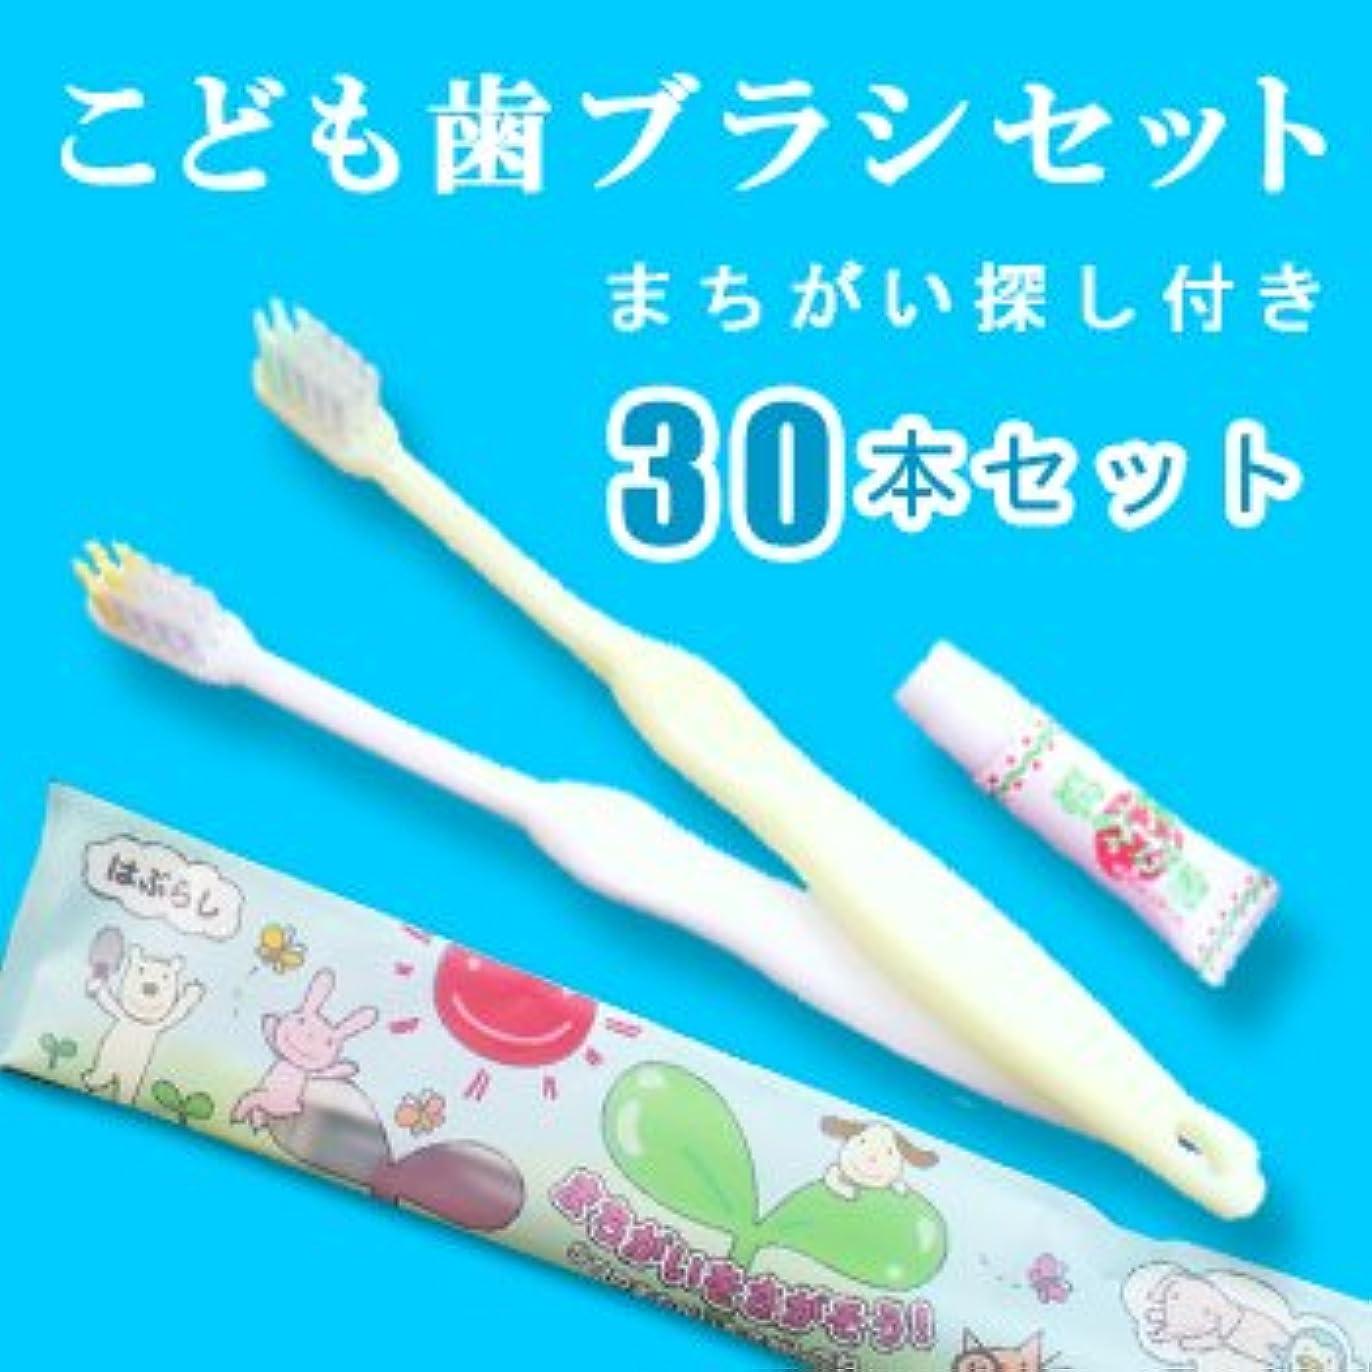 弾力性のある遮るおじいちゃんこども歯ブラシ いちご味の歯磨き粉3gチューブ付 ホワイト?イエロー各15本アソート(1セット30本)